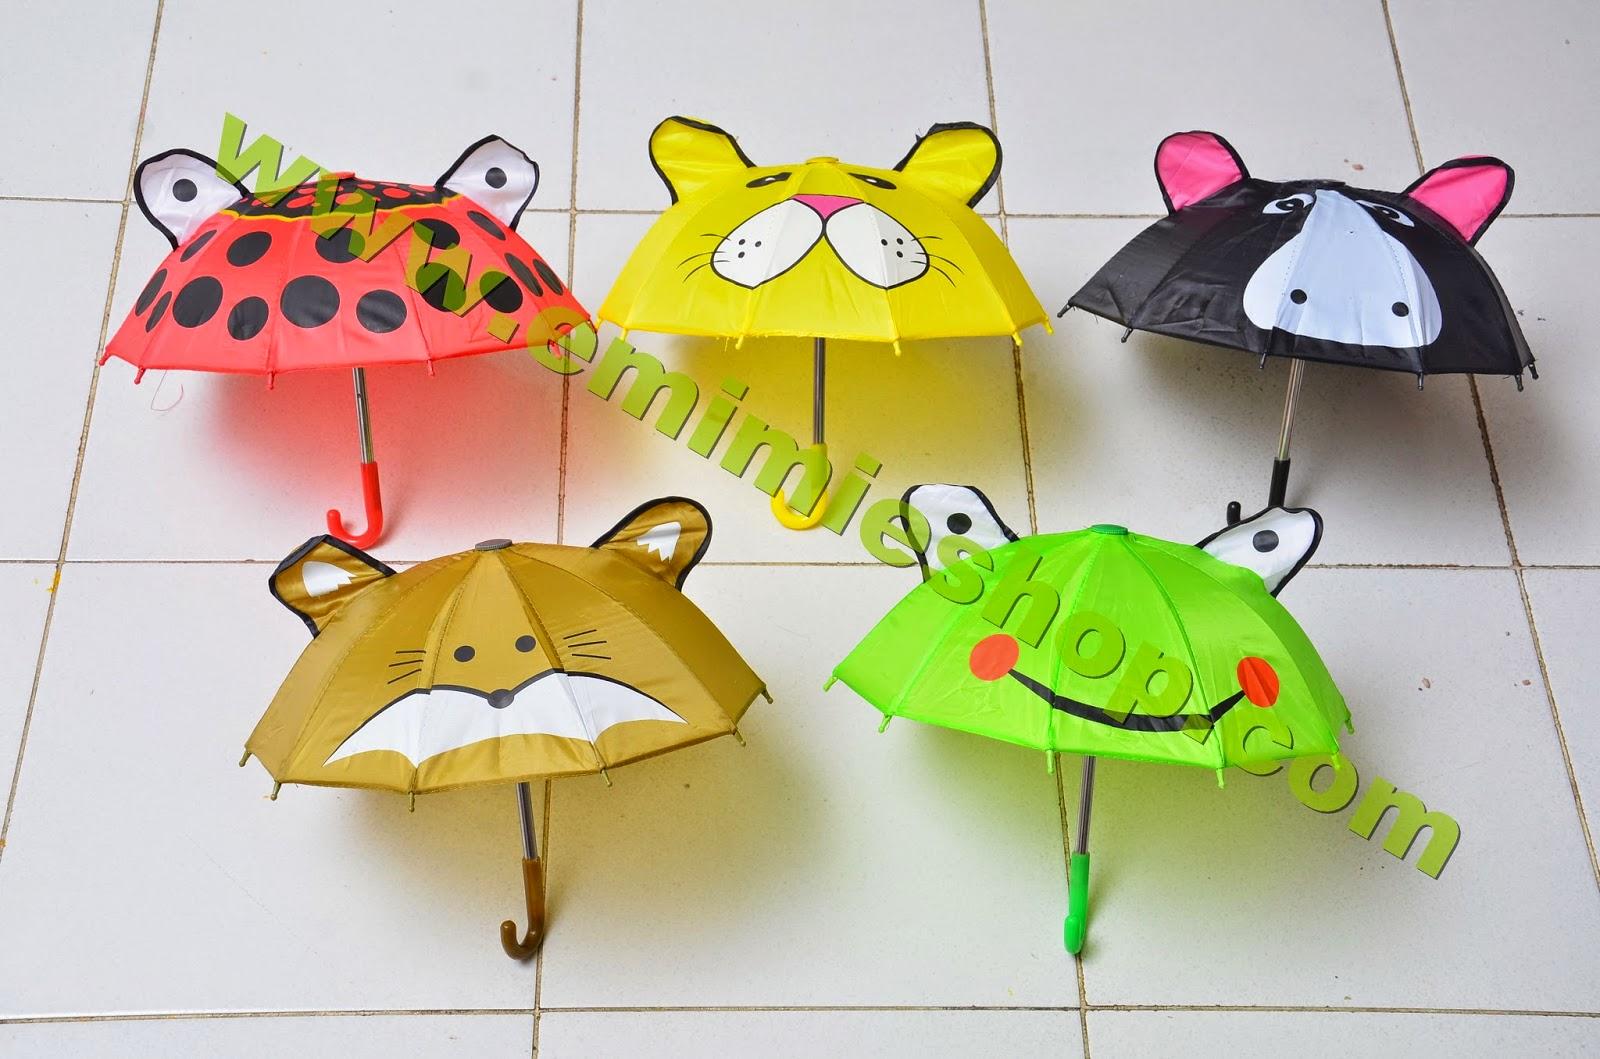 Payung Kecil Unik